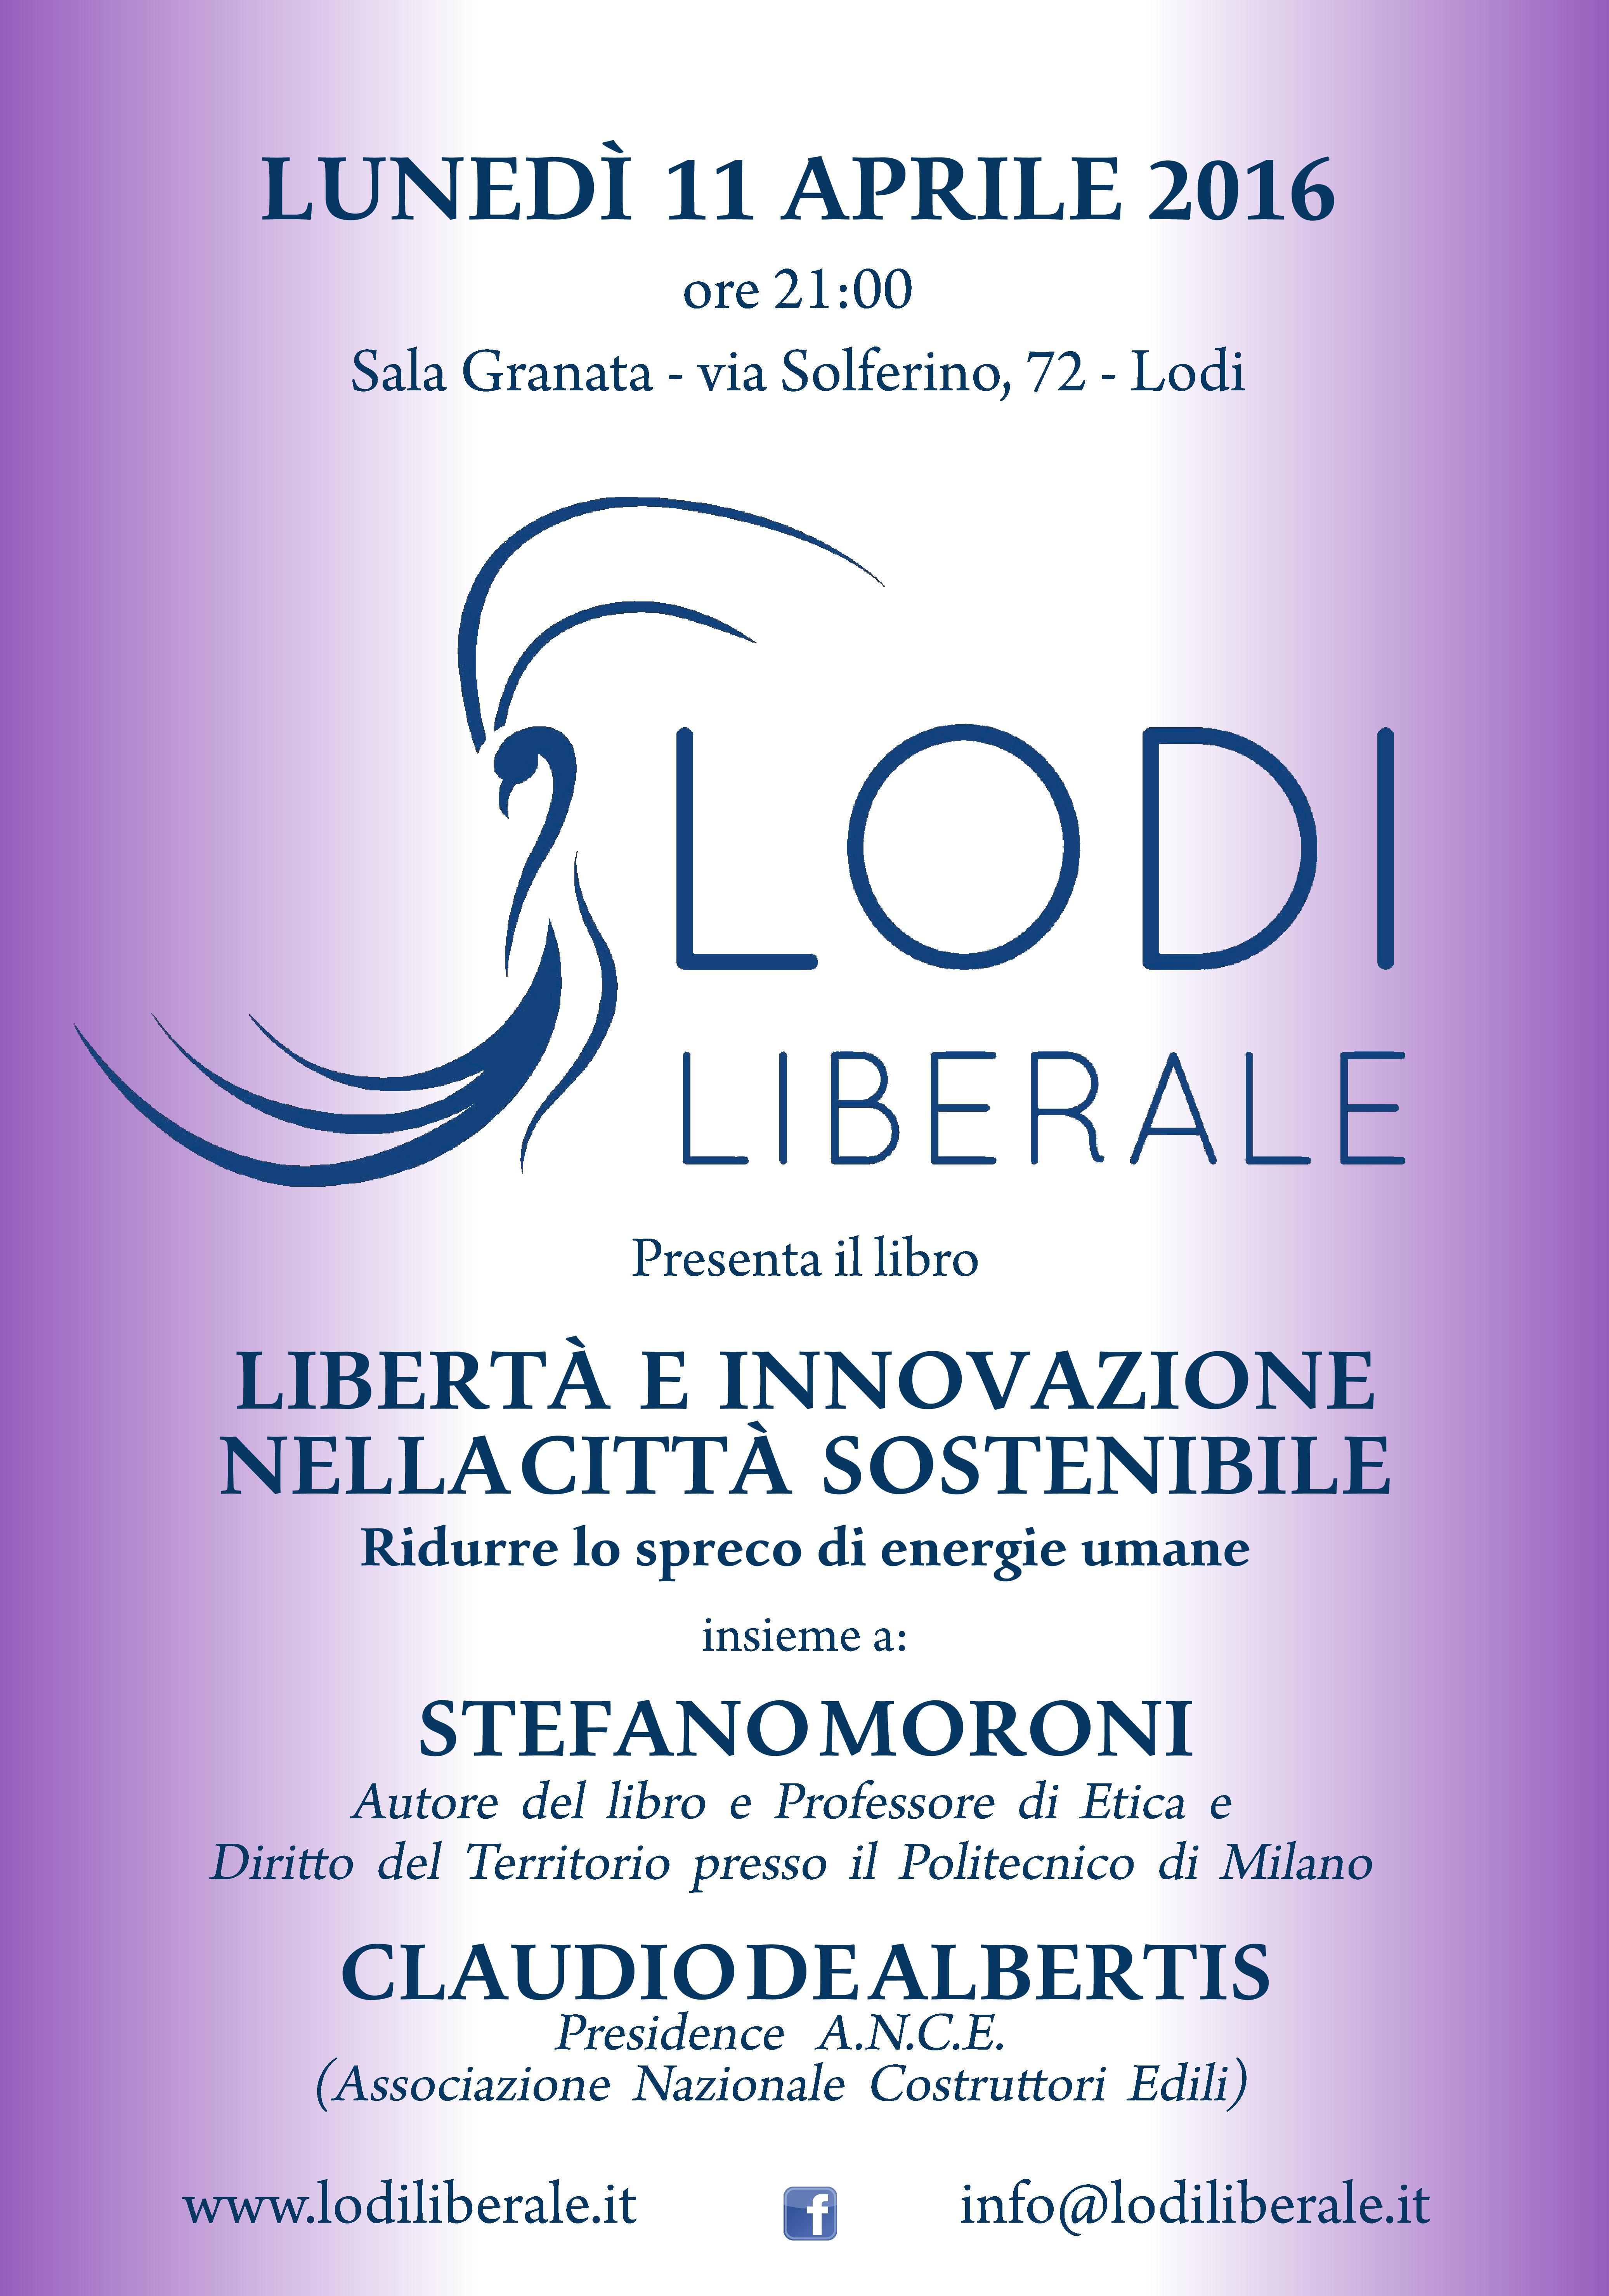 """Associazione Lodi Liberale - Presentazione del libro """"LibertAi?? e innovazione nella cittAi?? sostenibile"""" di Stefano Moroni"""